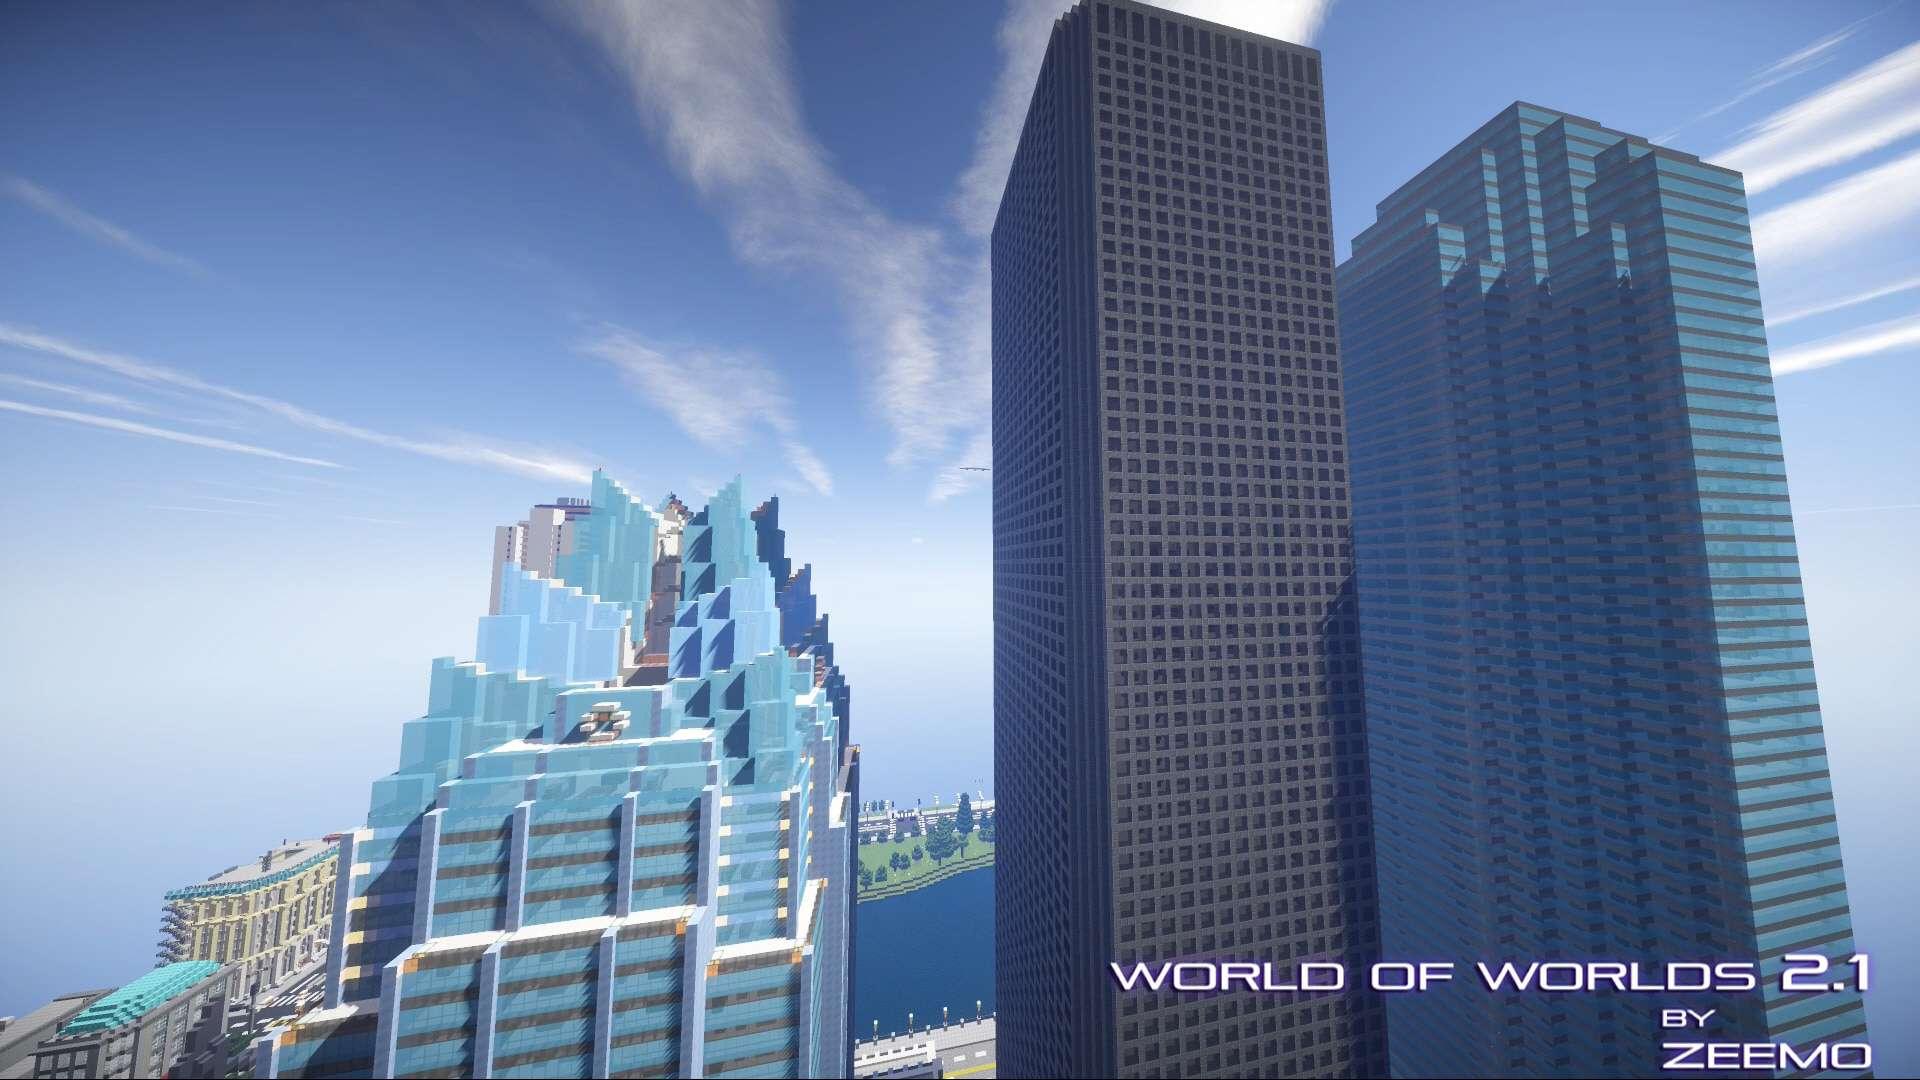 World of Worlds 2.1 update 3